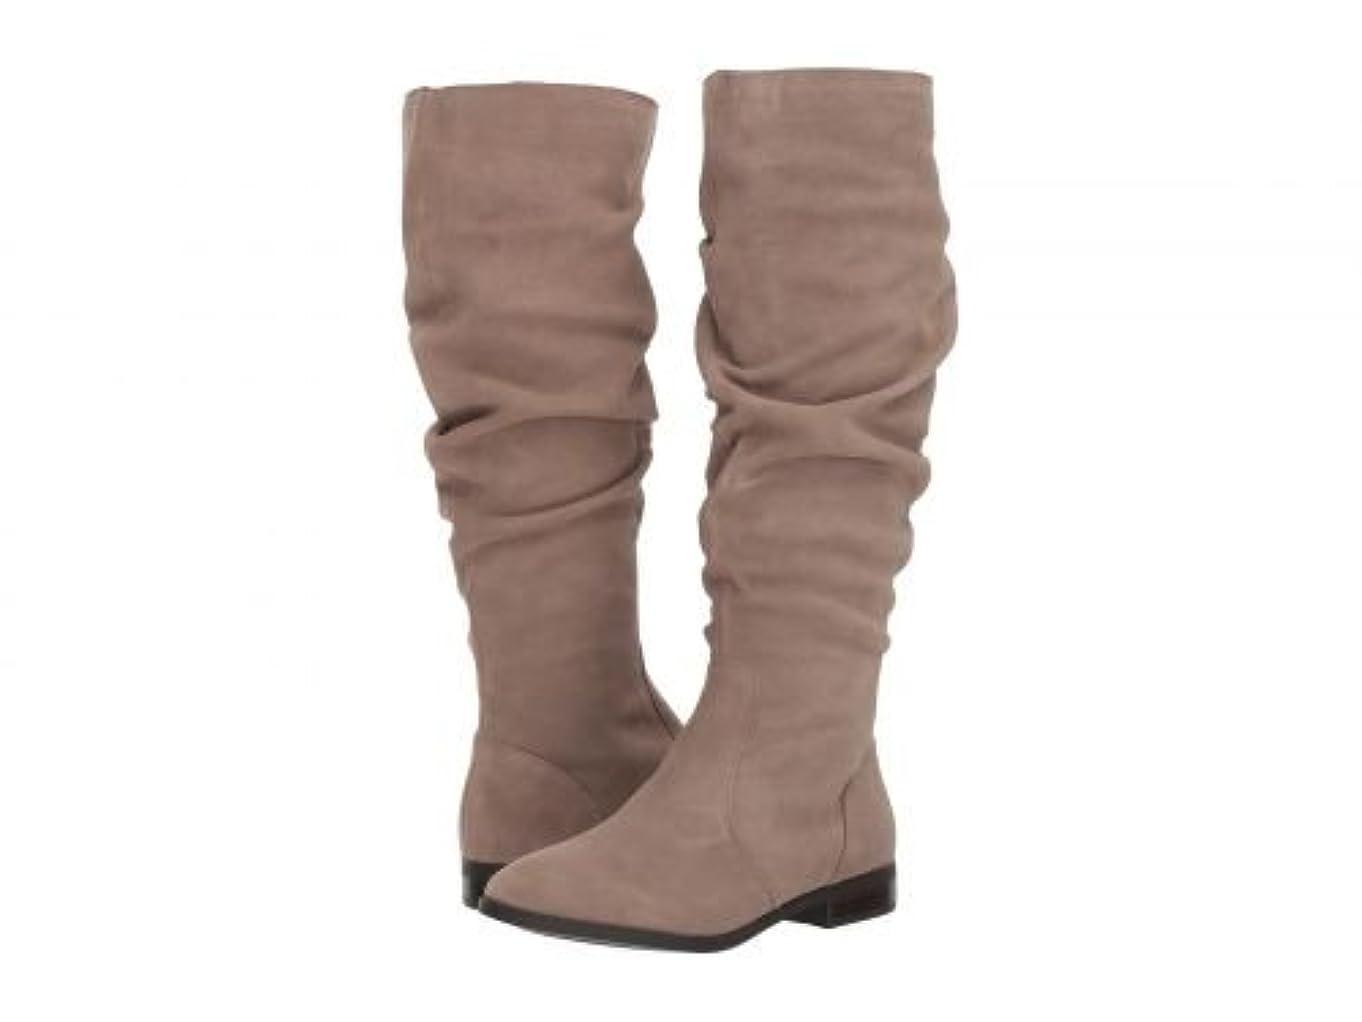 辞書きれいに熟練したSteve Madden(スティーブマデン) レディース 女性用 シューズ 靴 ブーツ ロングブーツ Beacon Slouch Boot - Taupe Suede 7.5 M [並行輸入品]